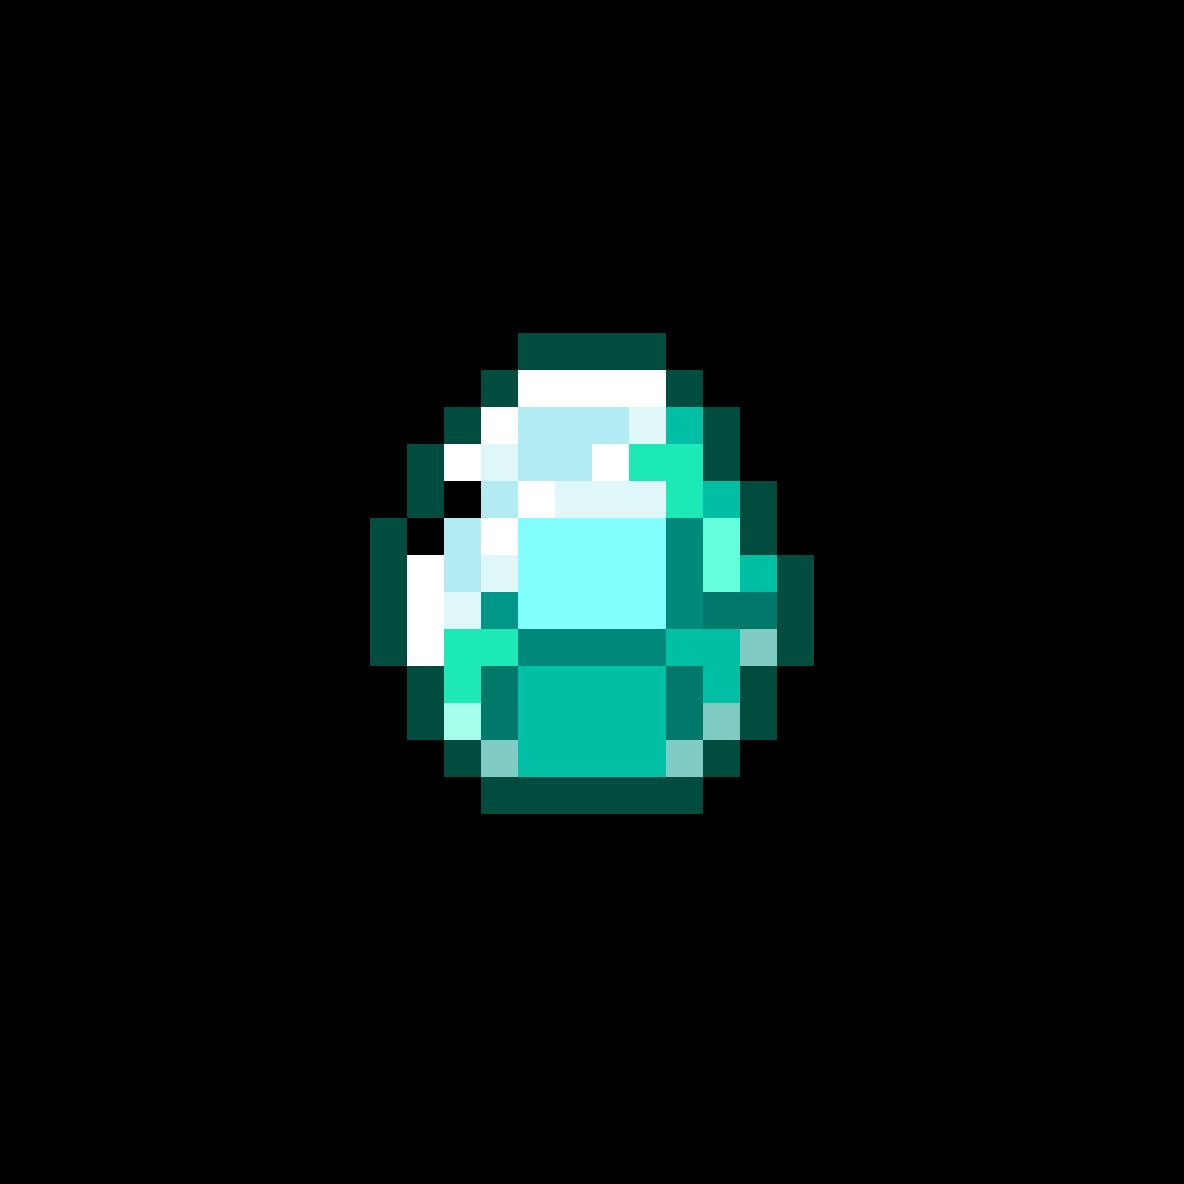 Днем рождения, картинки алмазы в майнкрафте